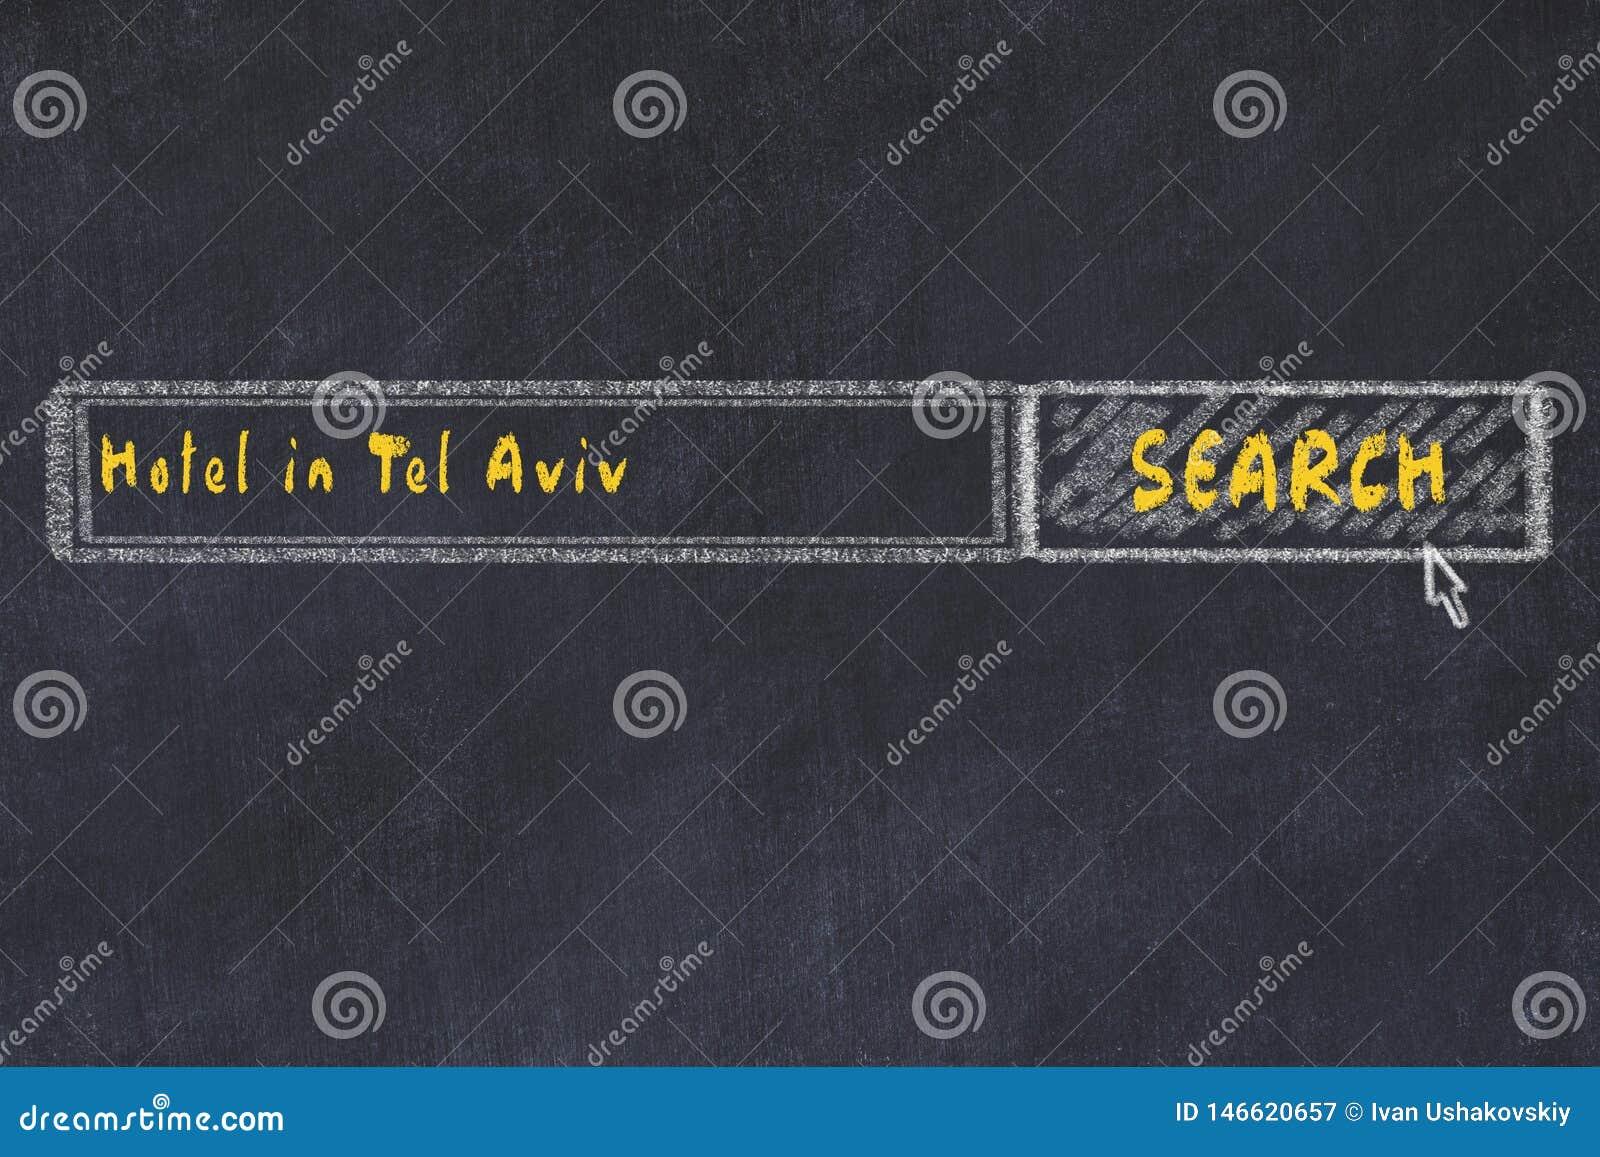 Krijtschets van zoekmachine Concept het zoeken van en het boeken van een hotel in Tel Aviv